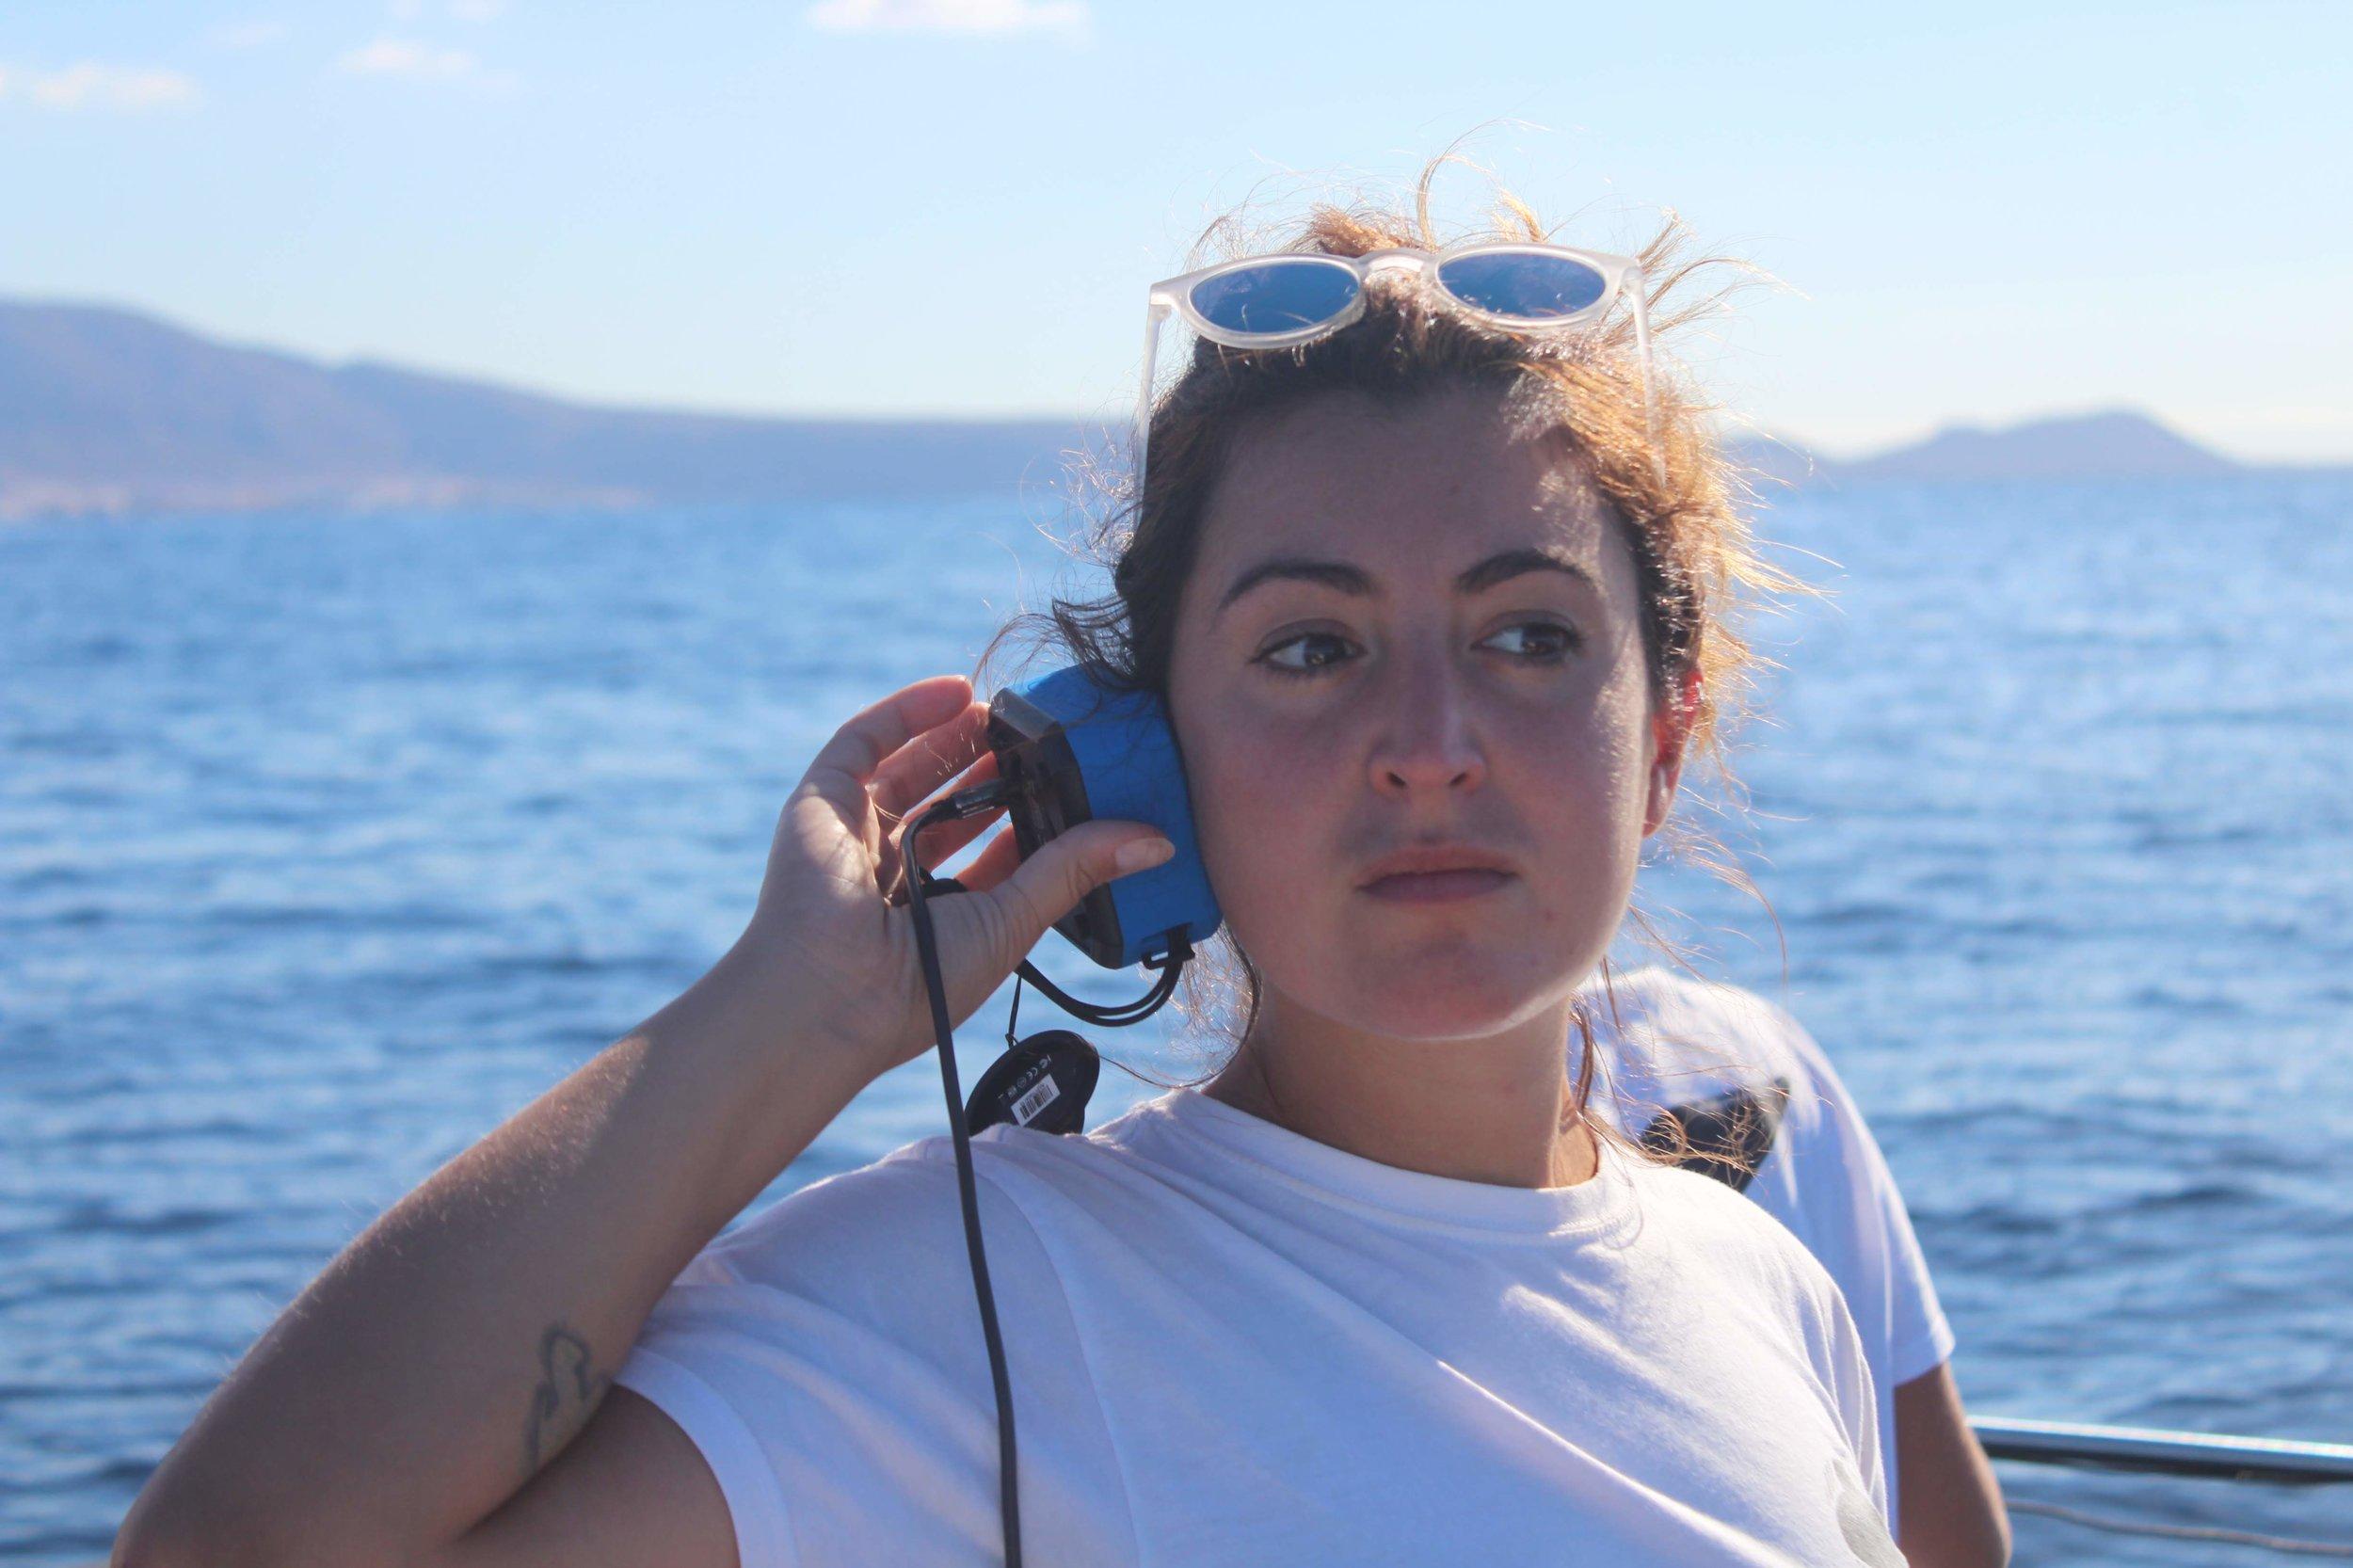 RIB-veneen kyydissä kuunnellaan delfiinien ääniä